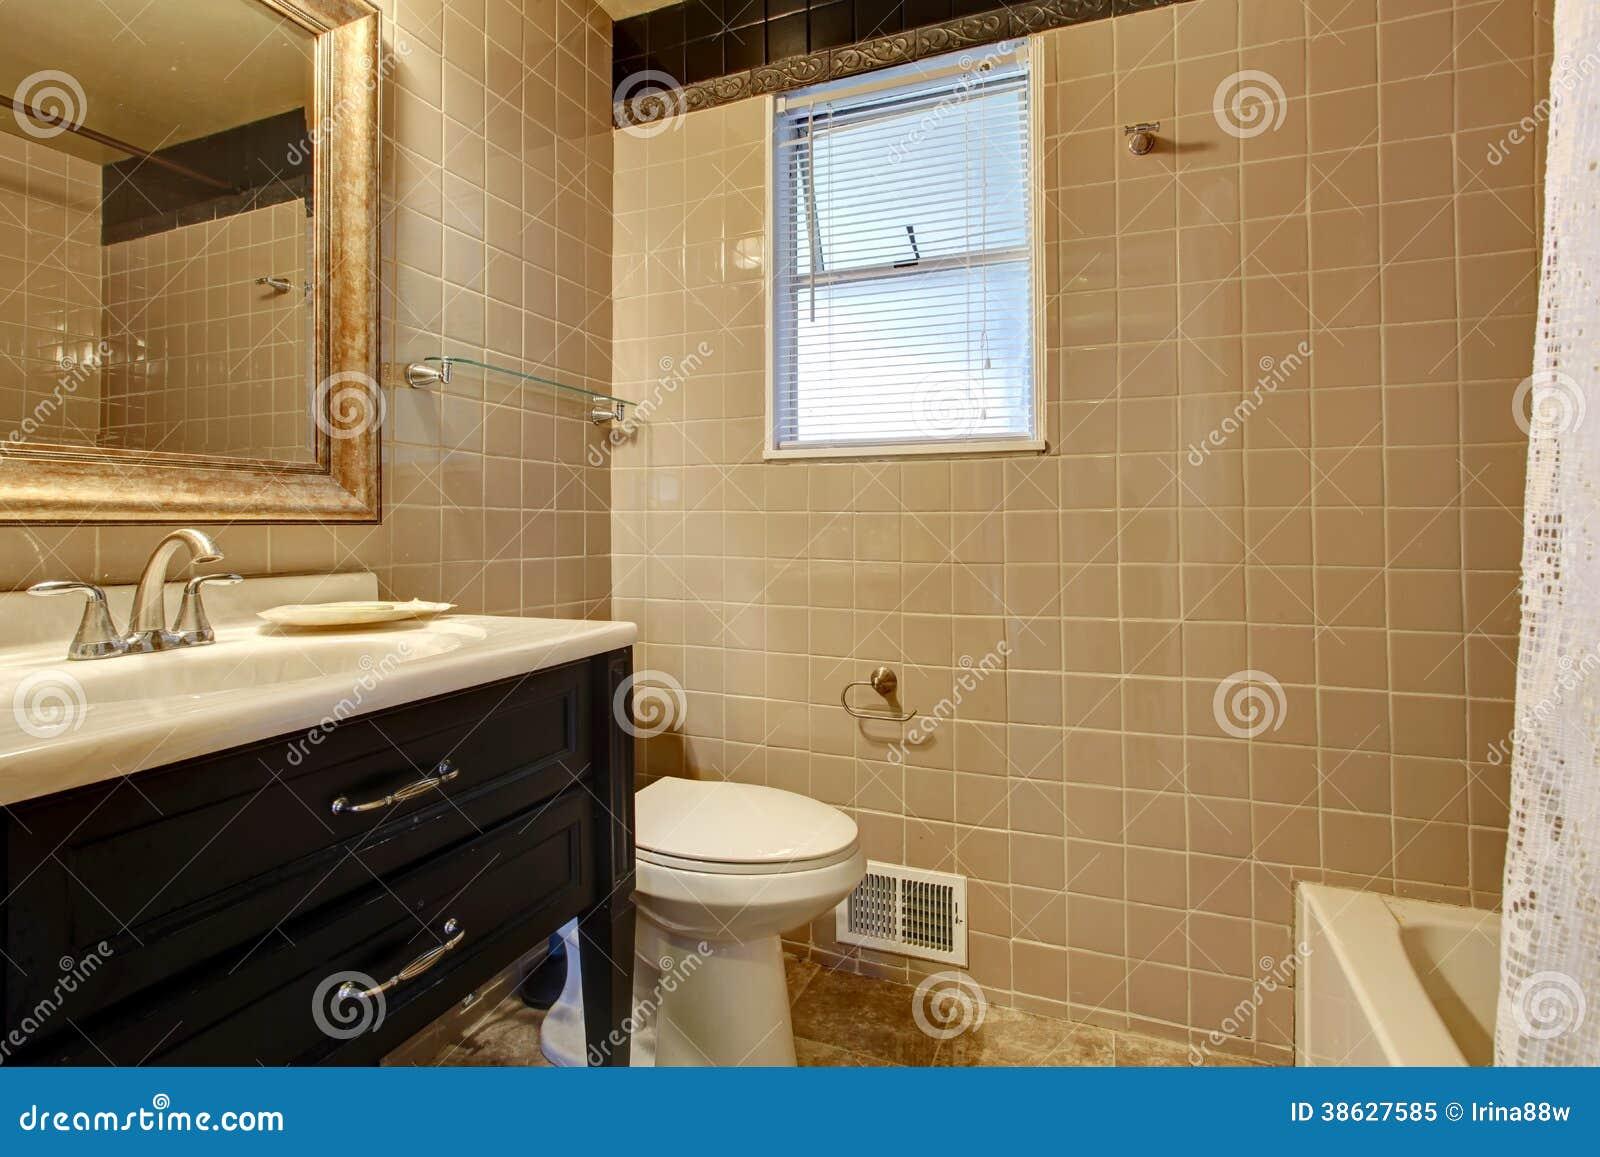 Salle de bain noir et beige maison design for Salle de bain beige et noir